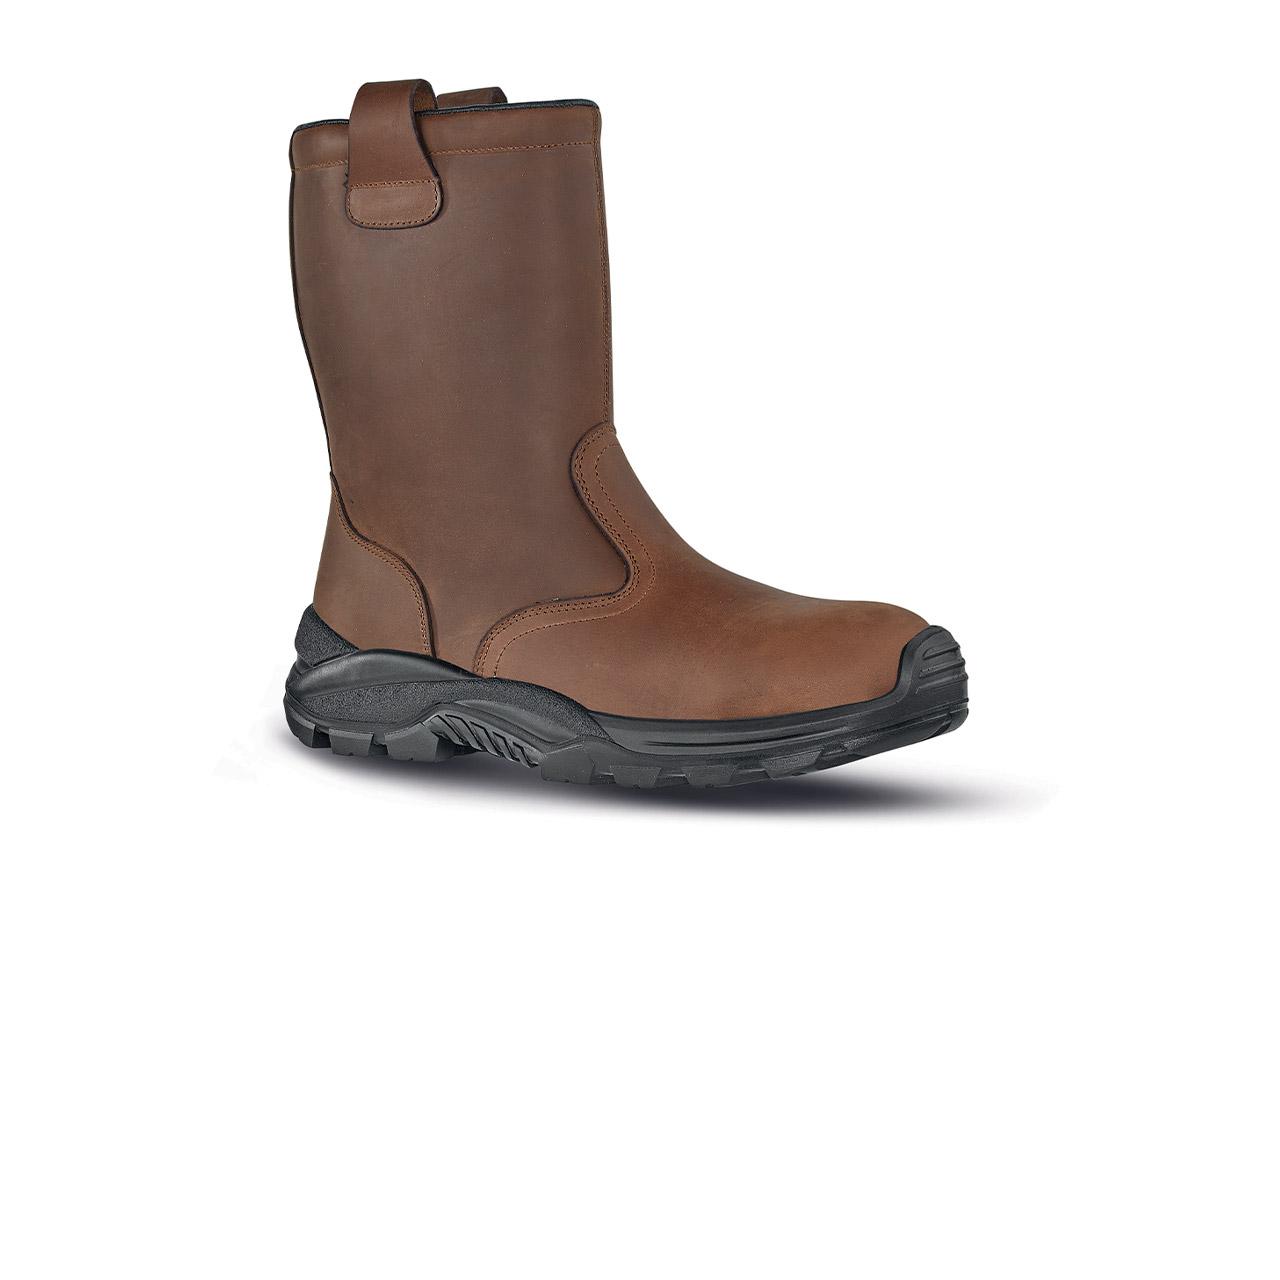 scarpa antinfortunistica upower modello nordicplus linea stepone vista laterale